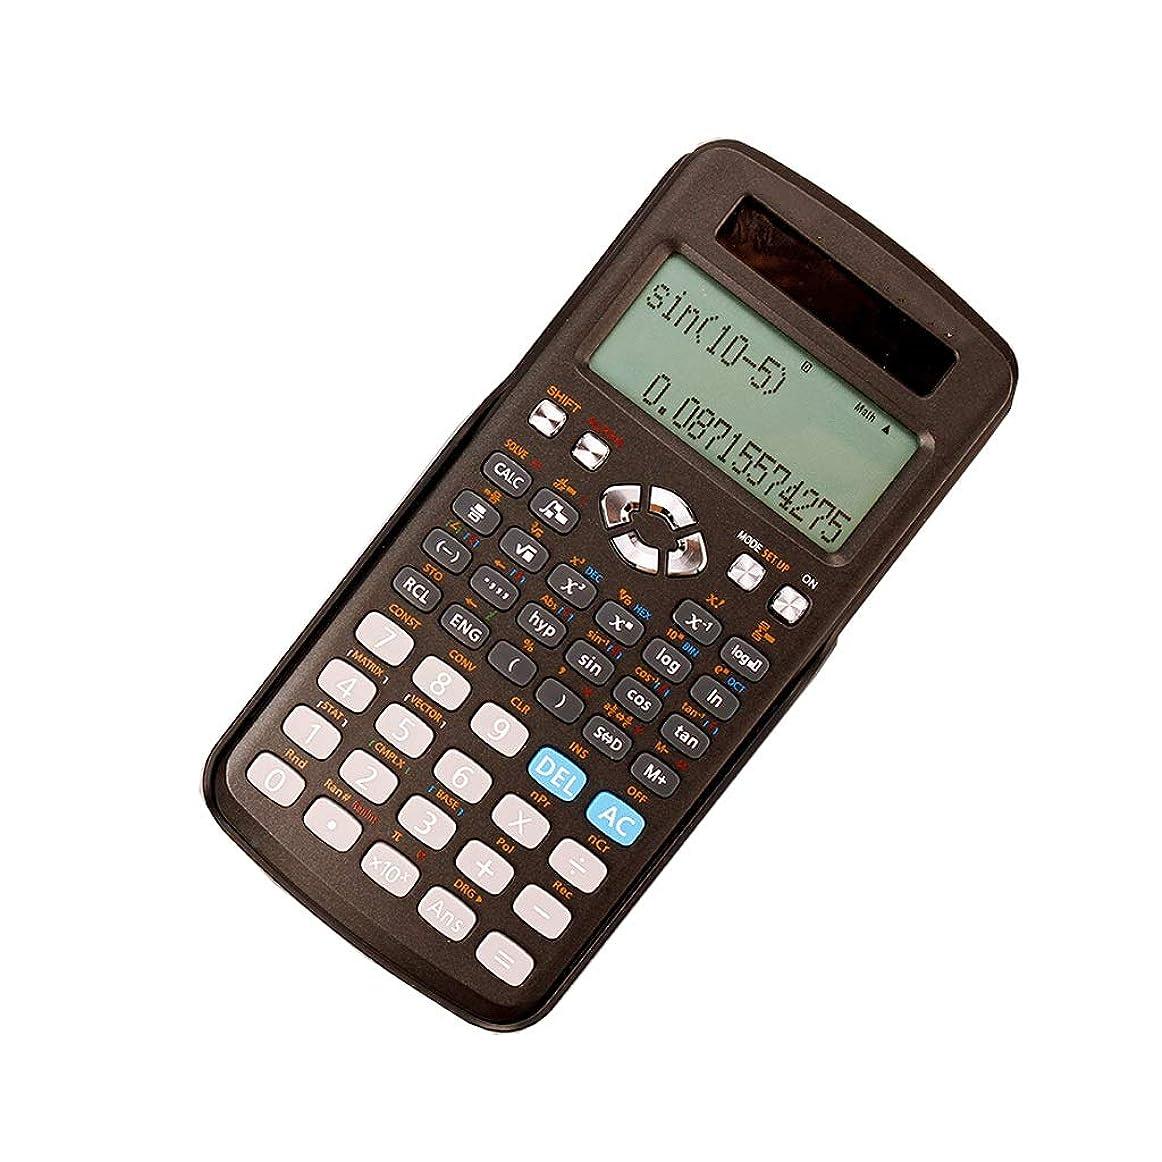 混合砲撃餌事務所 12ビットワイドスクリーンHDディスプレイ科学計算機学生は多機能ソーラーデュアルパワーデュアル保険電卓を使用 算数 (PATTERN : B-2)